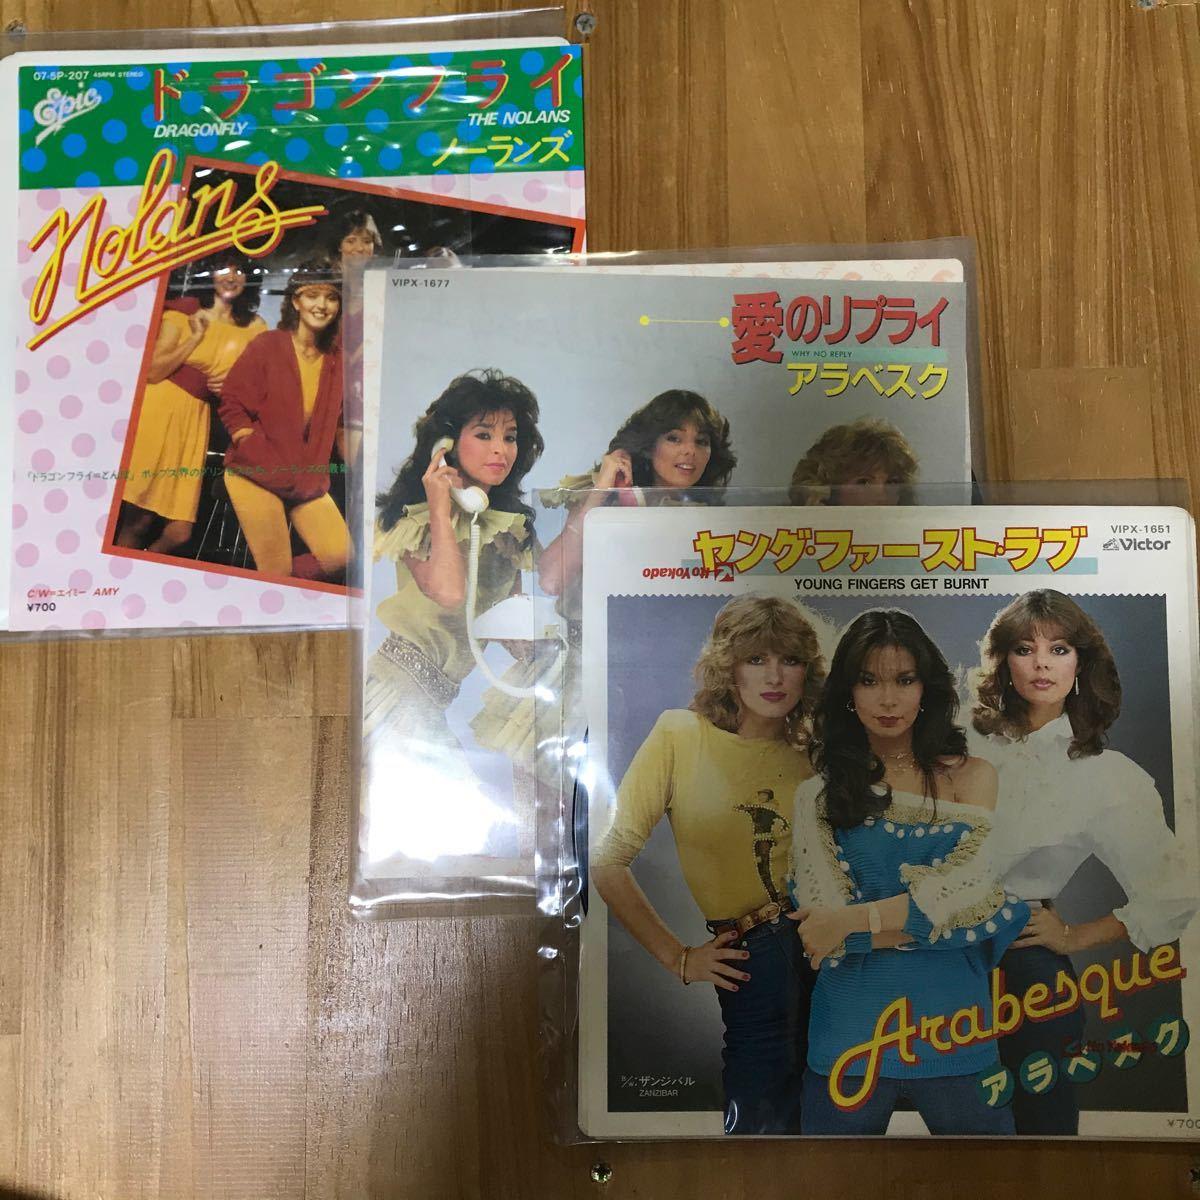 レコード 80年代洋楽 アラベスク ノーランズ